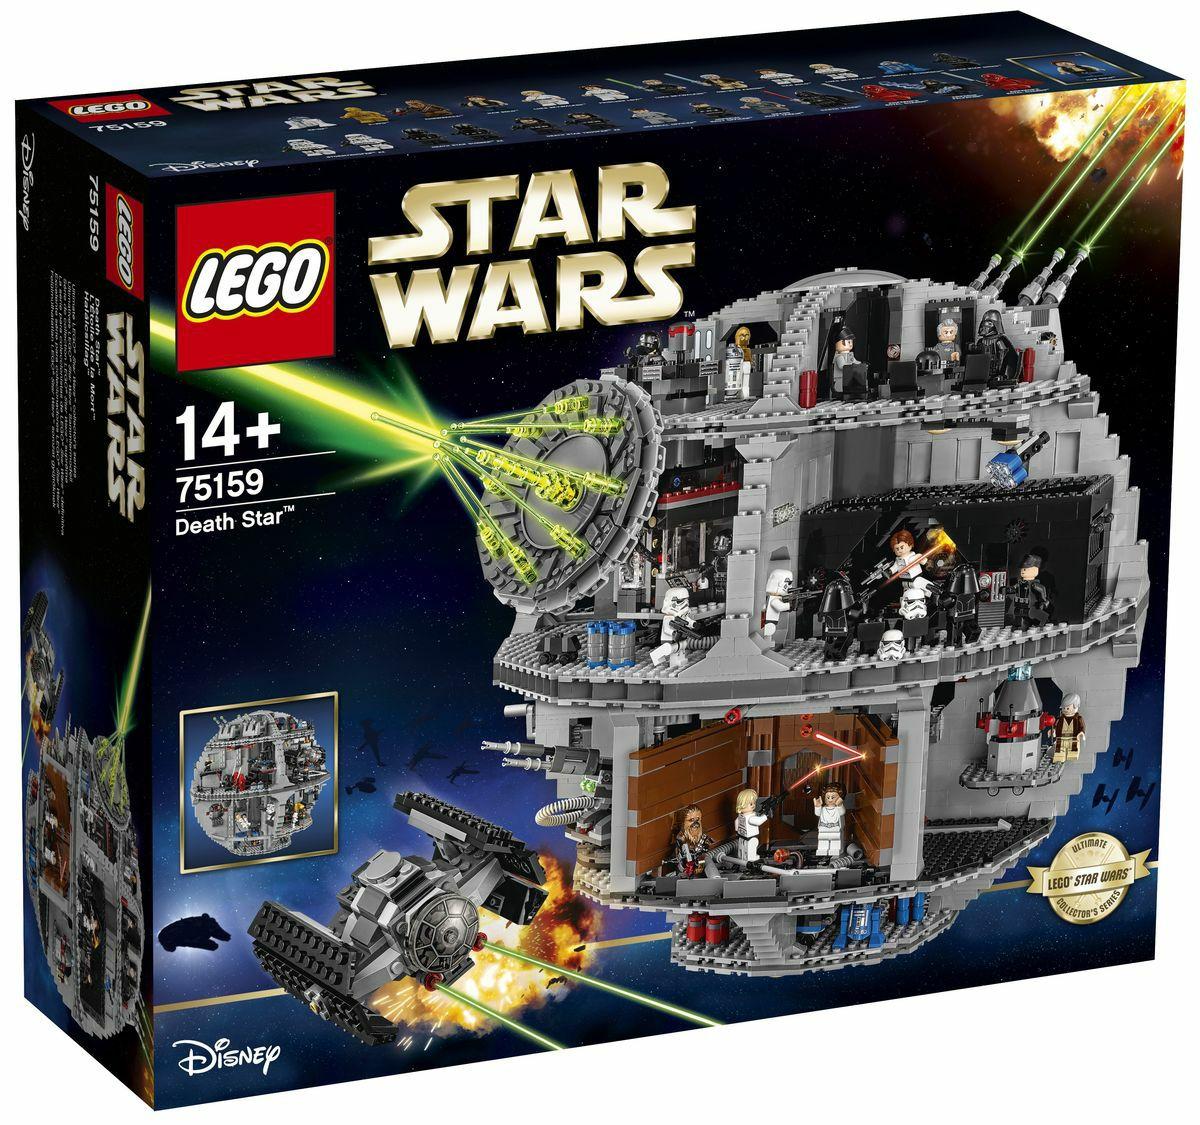 Lego Star Wars Death Star (Toychamp, alleen afhalen in de winkel)